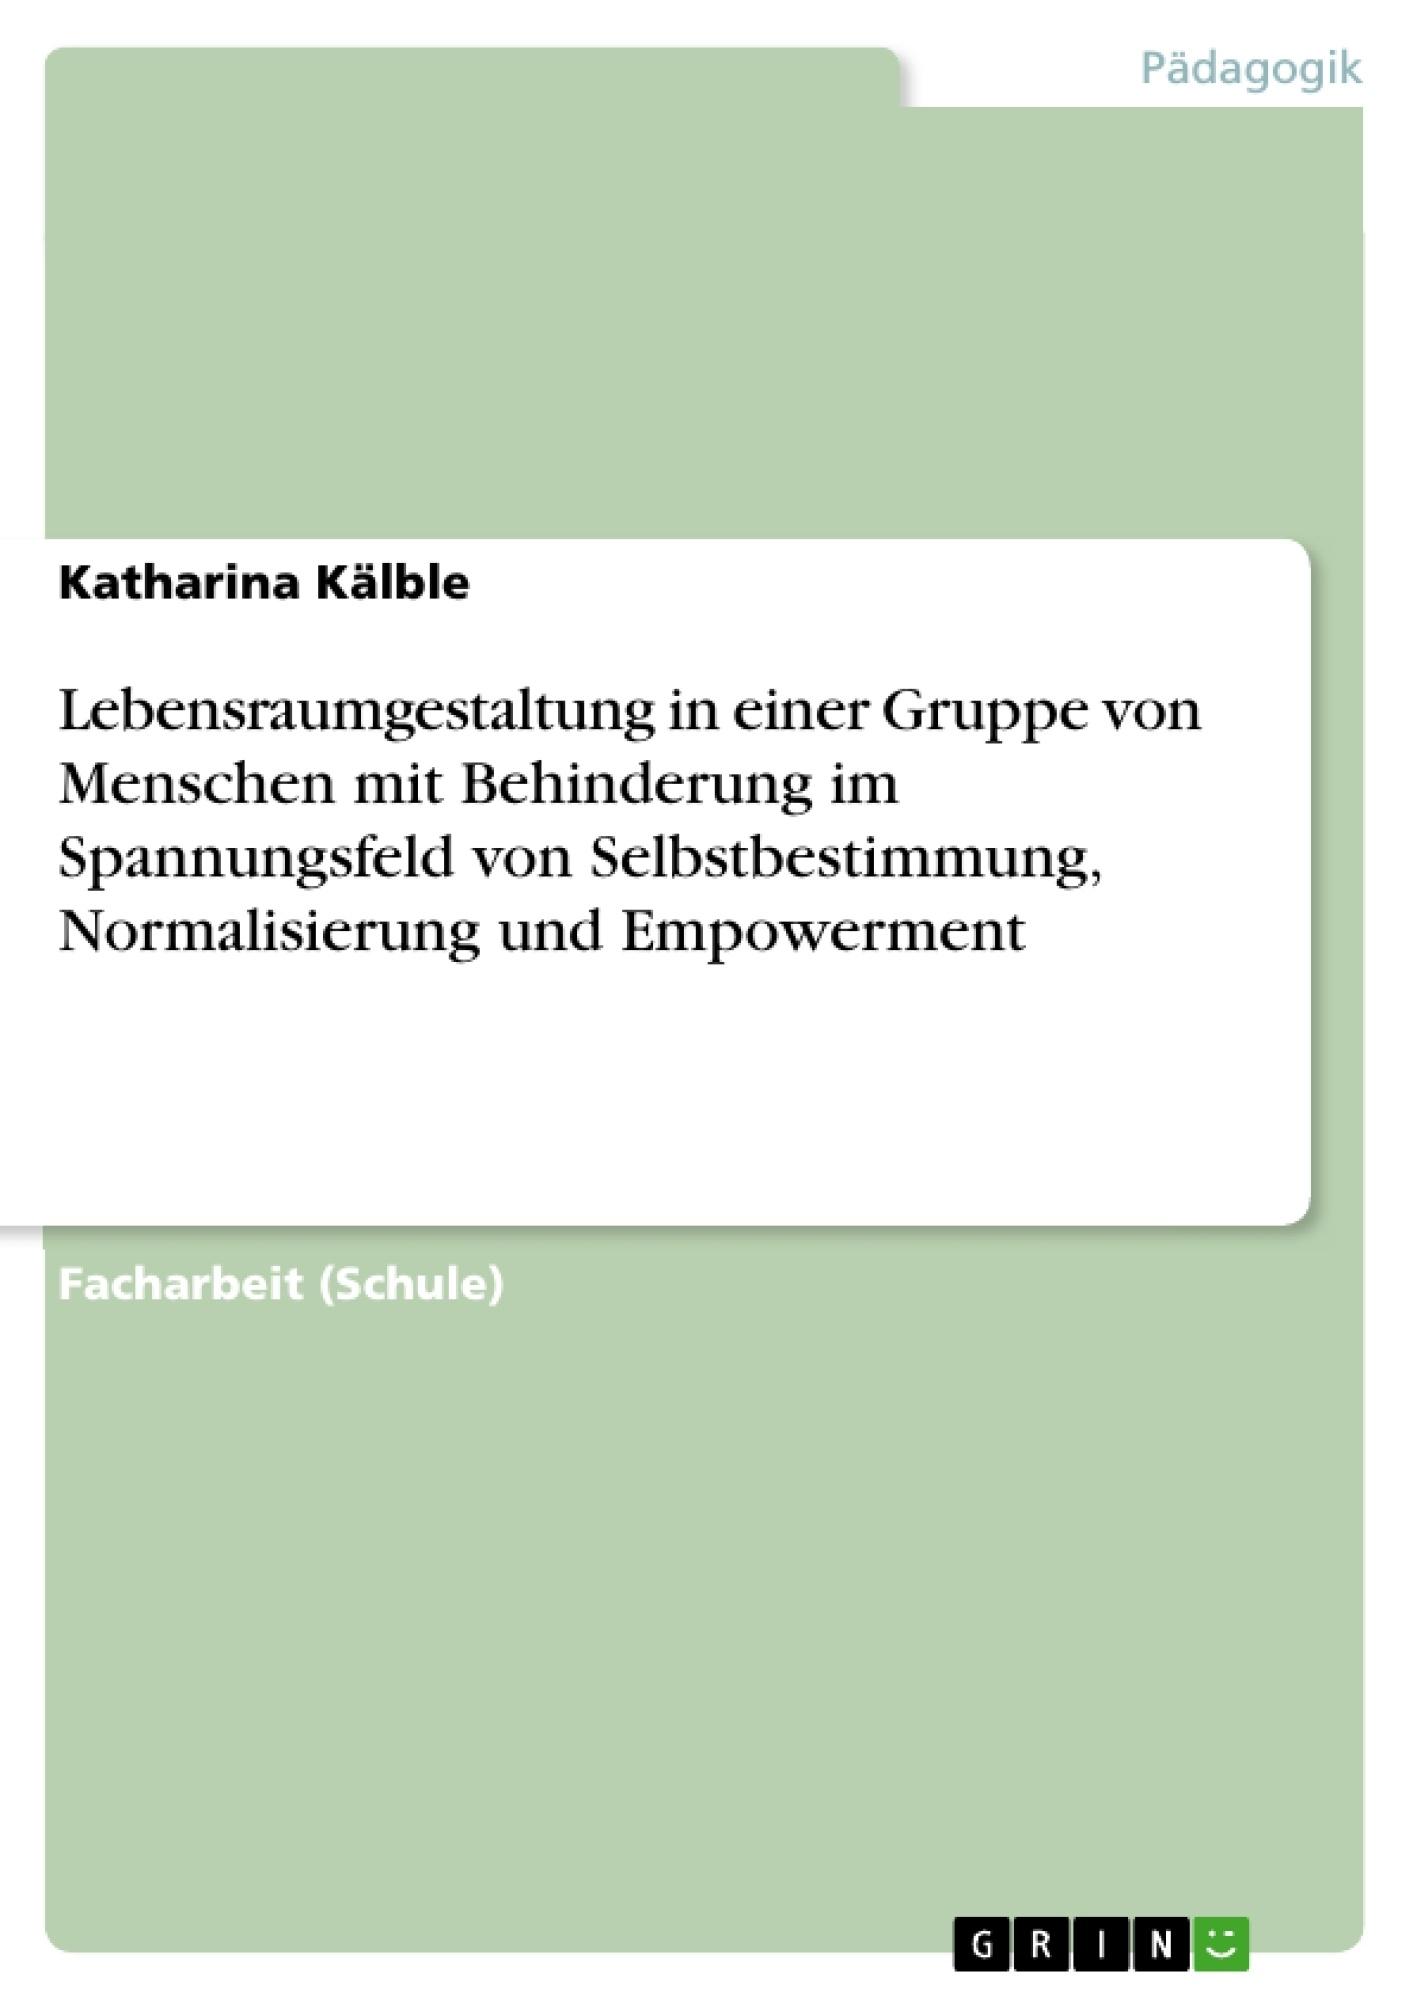 Titel: Lebensraumgestaltung in einer Gruppe von Menschen mit Behinderung im Spannungsfeld von Selbstbestimmung, Normalisierung und Empowerment